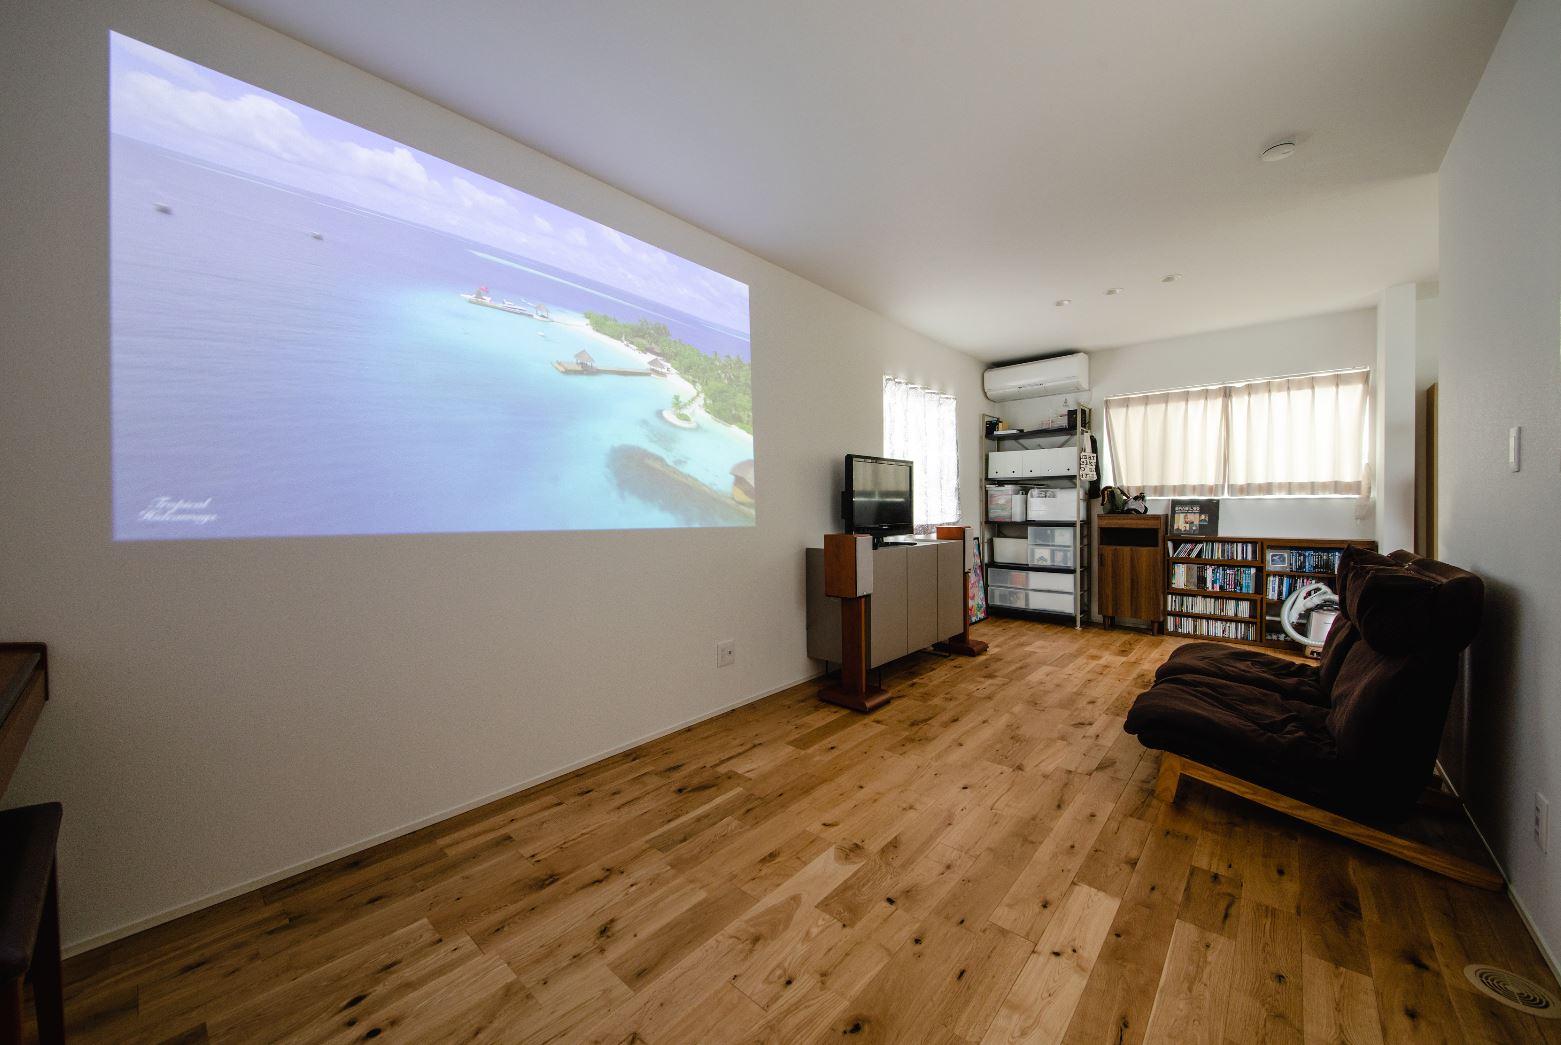 S.CONNECT(エスコネクト)【デザイン住宅、間取り、建築家】2階には子ども部屋の他に多目的ホールを設け、フレキシブルに利用できる。プロジェクターを設置したので、休日にはのんびり映画鑑賞も